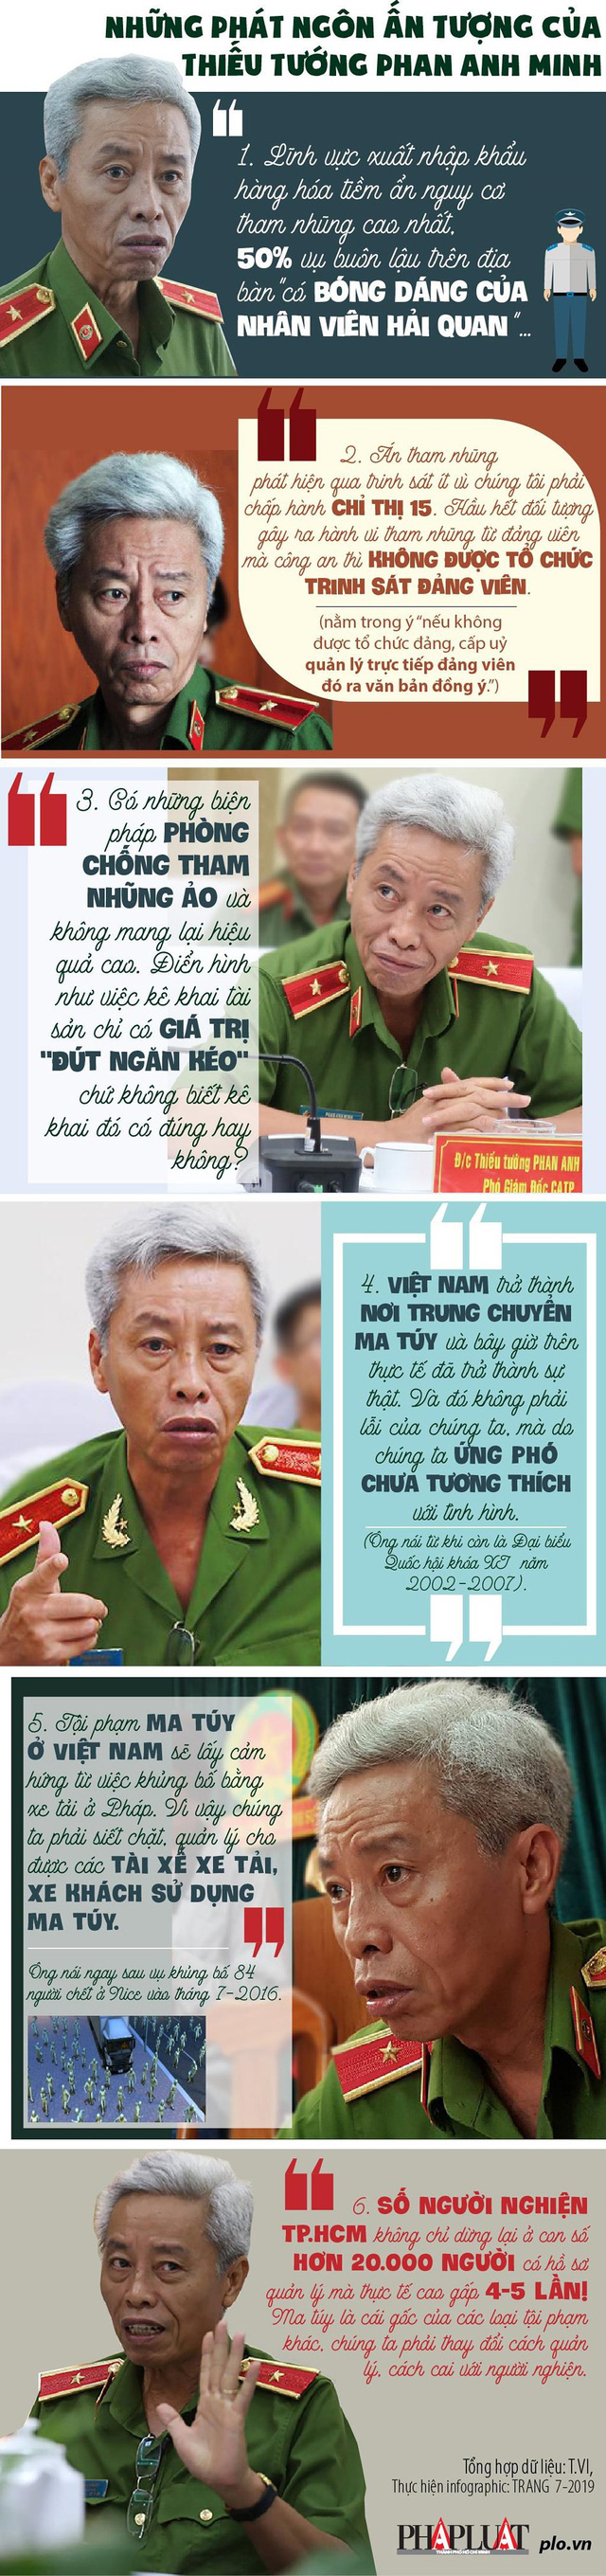 6 phát ngôn dậy sóng của Thiếu tướng Phan Anh Minh - Ảnh 1.